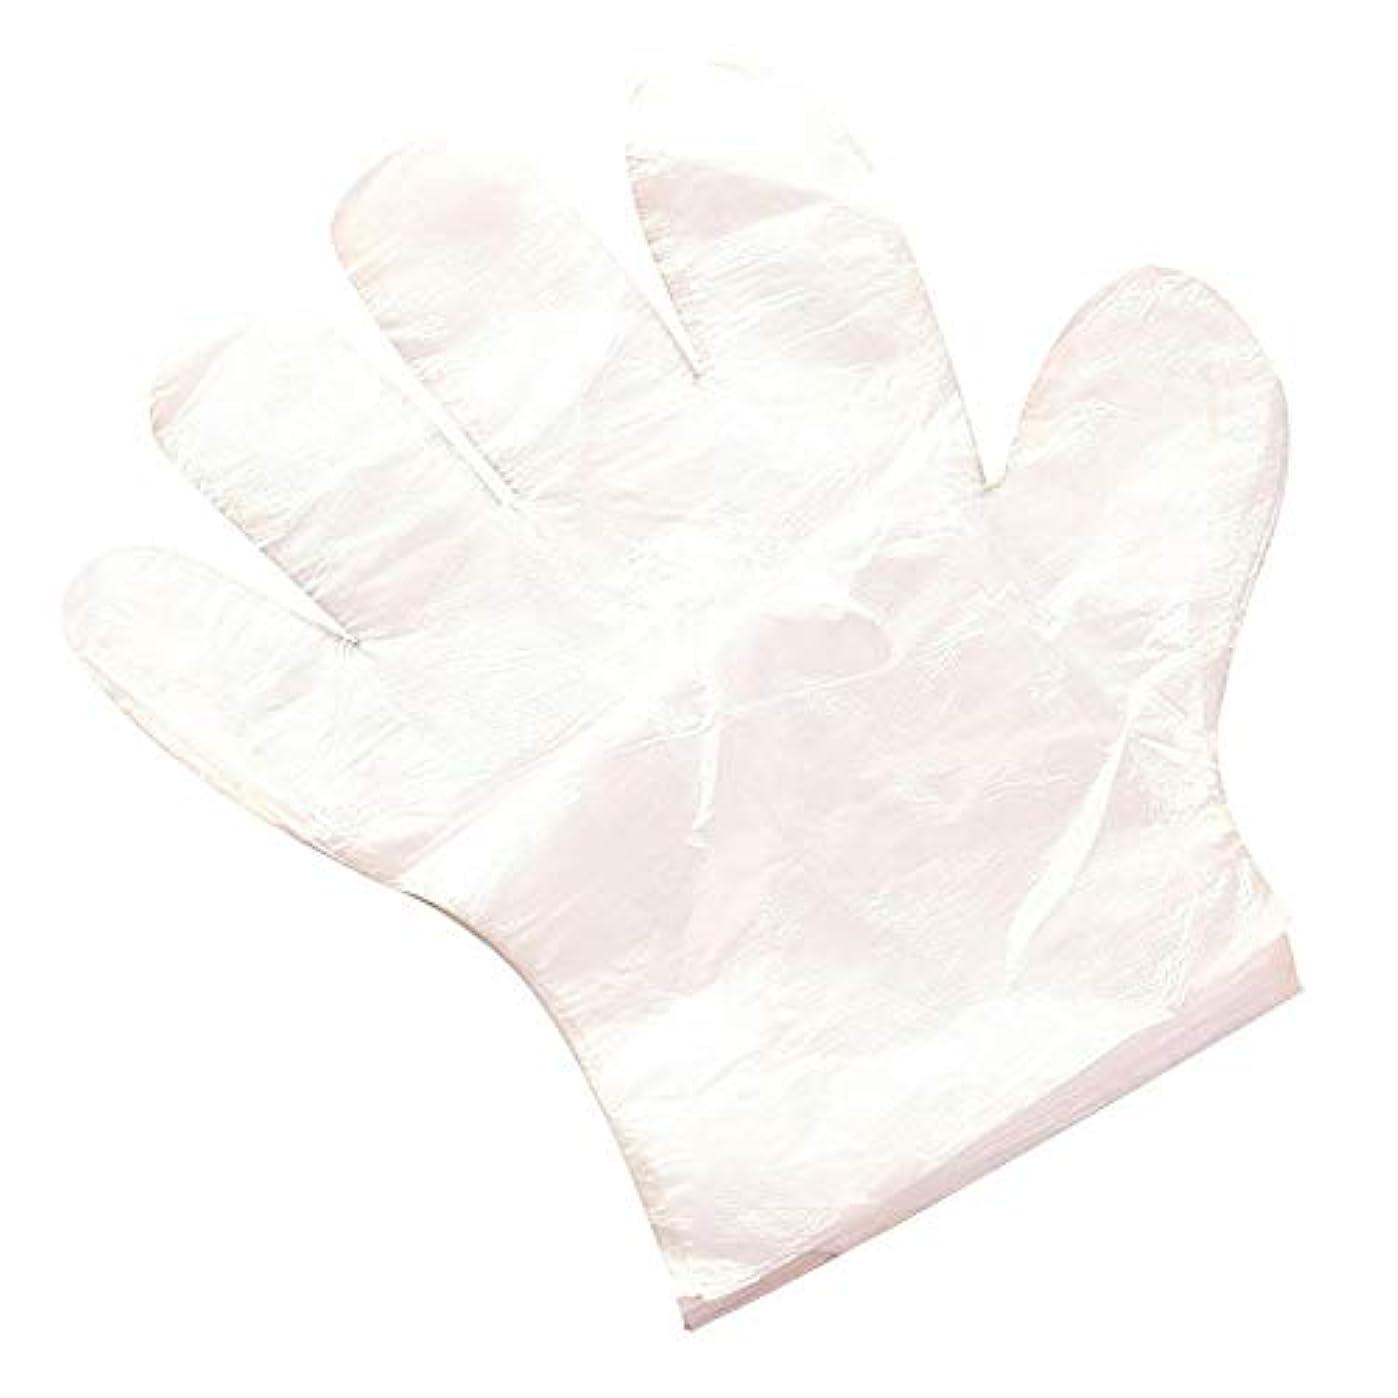 セブン胃カーペットCoolTack 透明なプラスチック製使い捨て手袋レストランホームサービスケータリング衛生用品